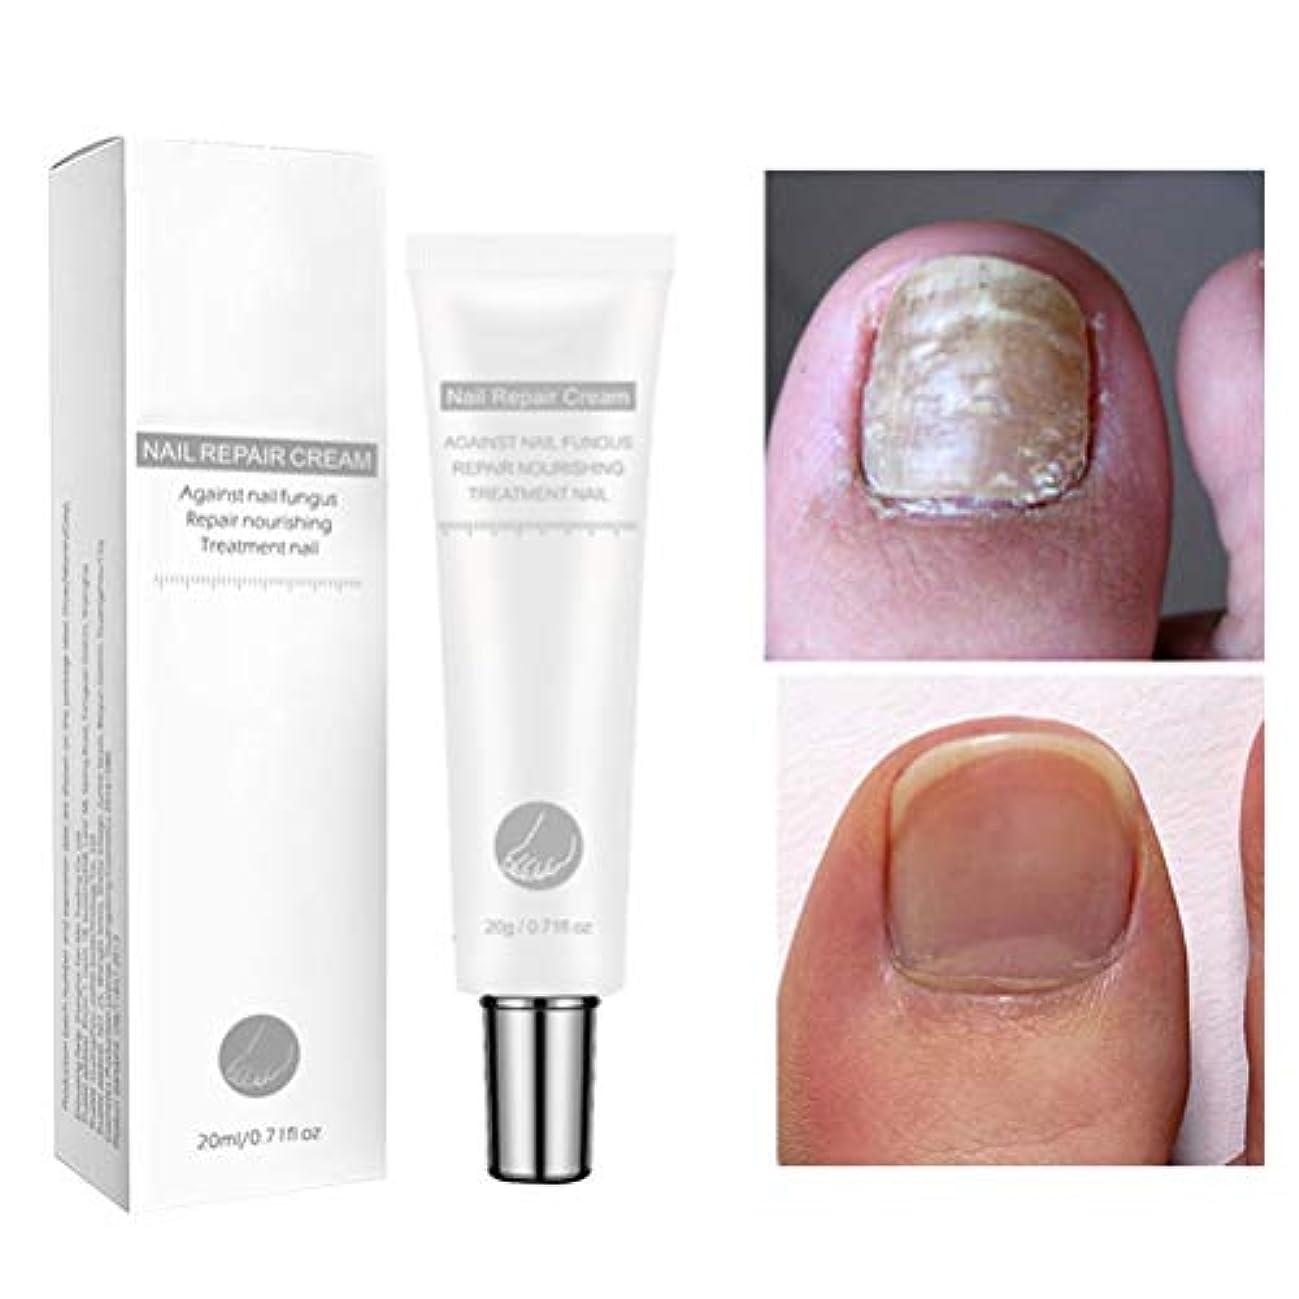 説明聖人聖人BSMEAN 20g爪真菌治療、抗真菌爪治療、抗真菌性足指爪および爪液、抗真菌爪液